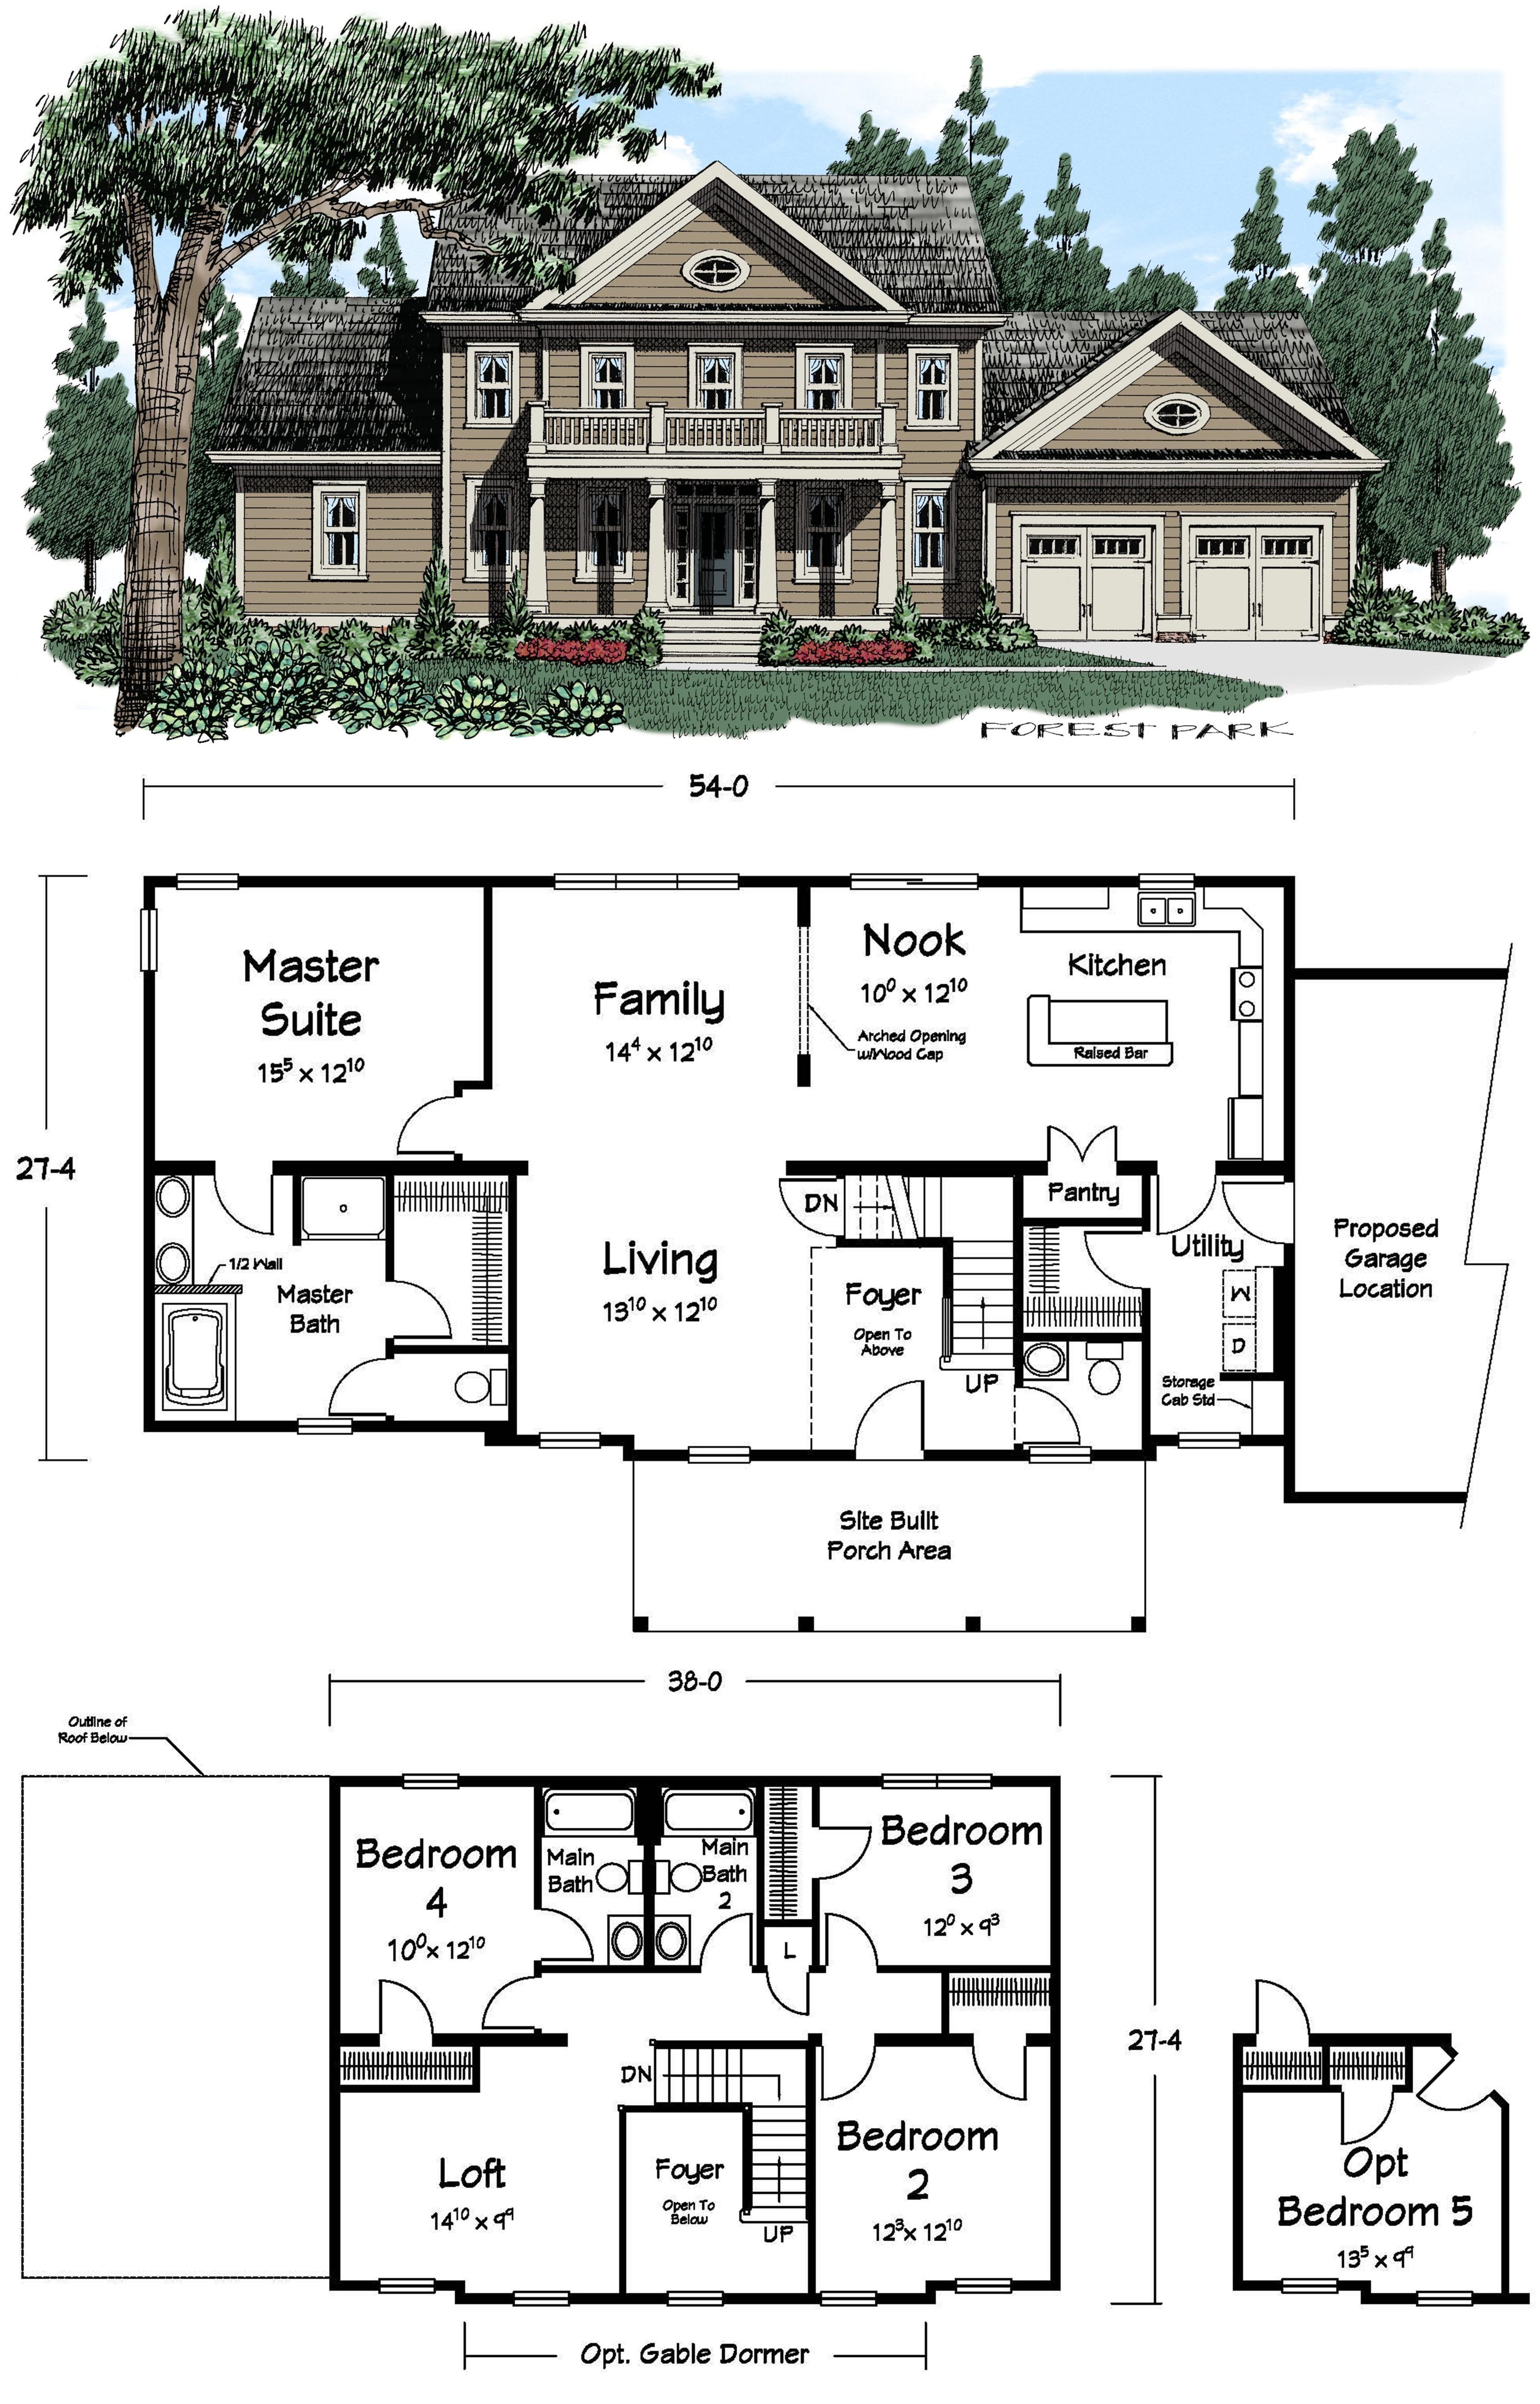 Desain Rumah The Sims 4 : desain, rumah, Popular, Story, House, Plans, Desain, Rumah,, Desain,, Rumah